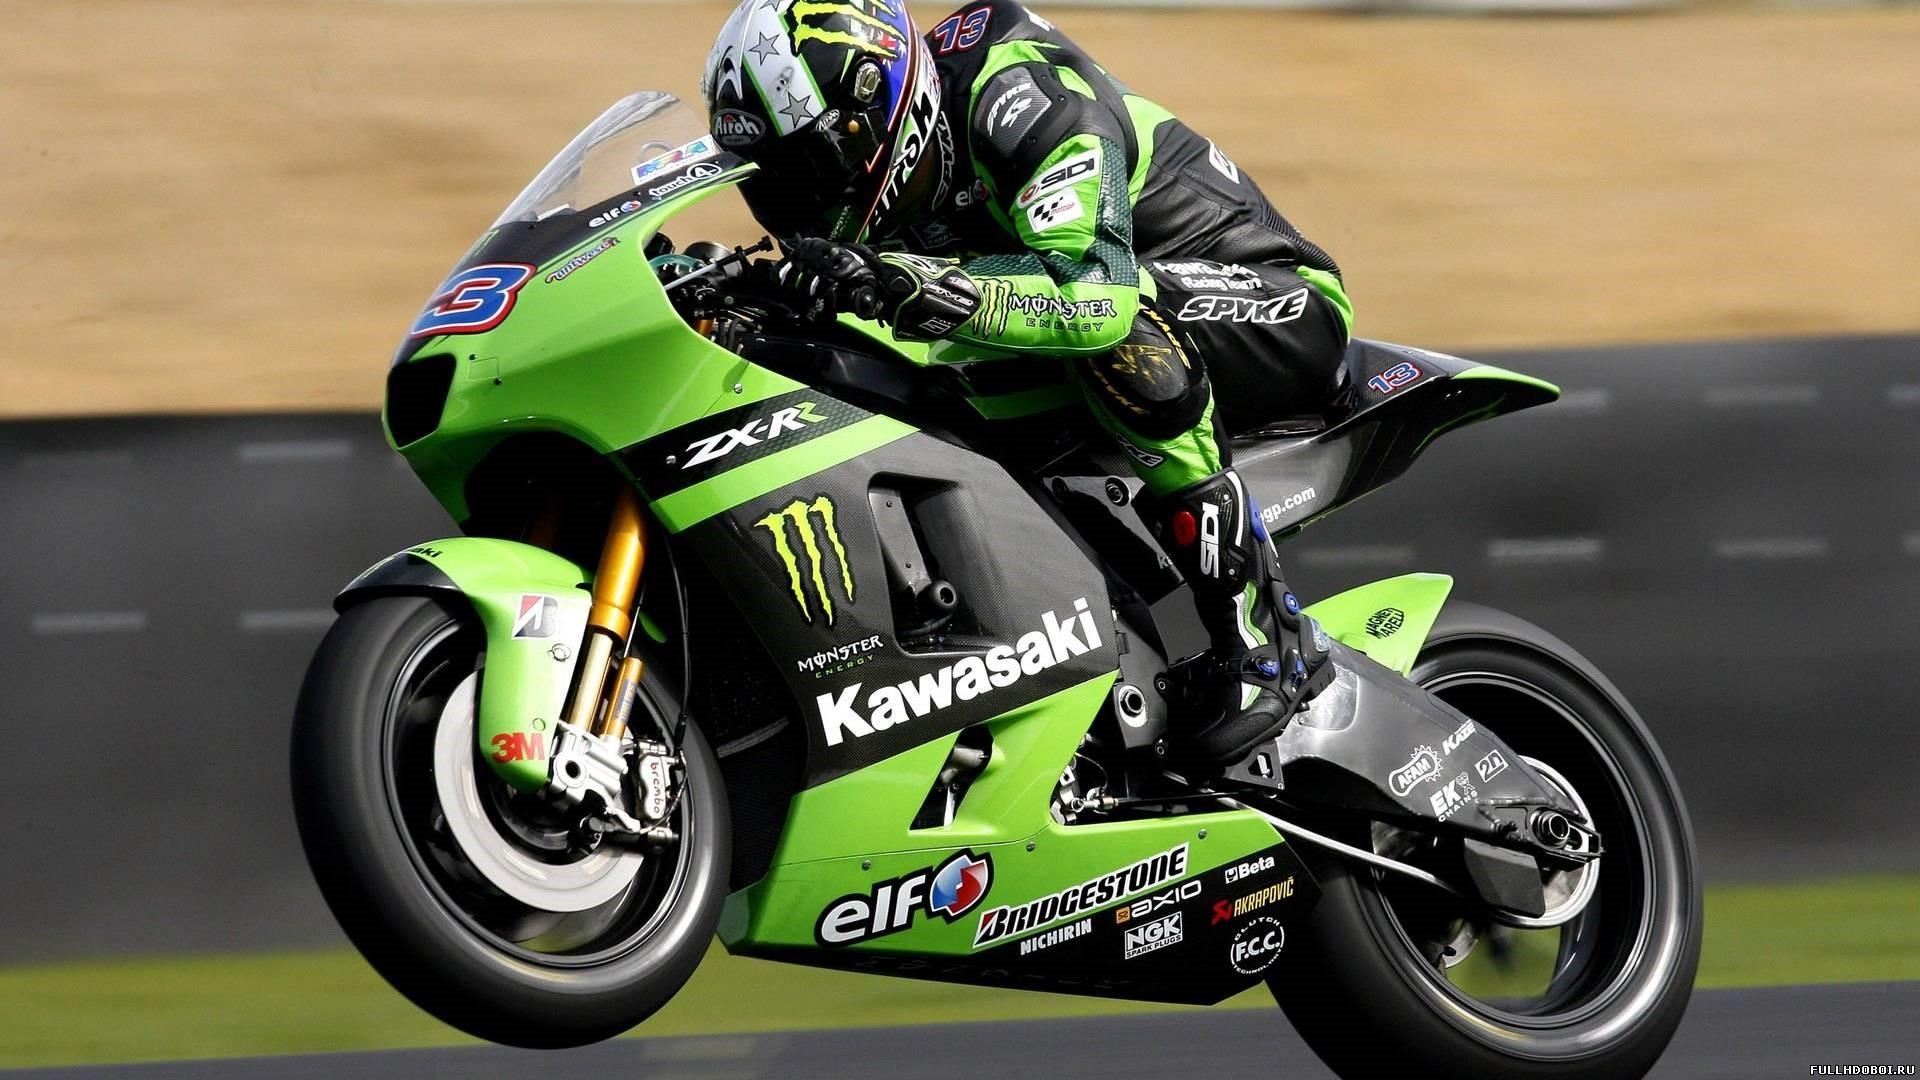 Kawasaki High Quality